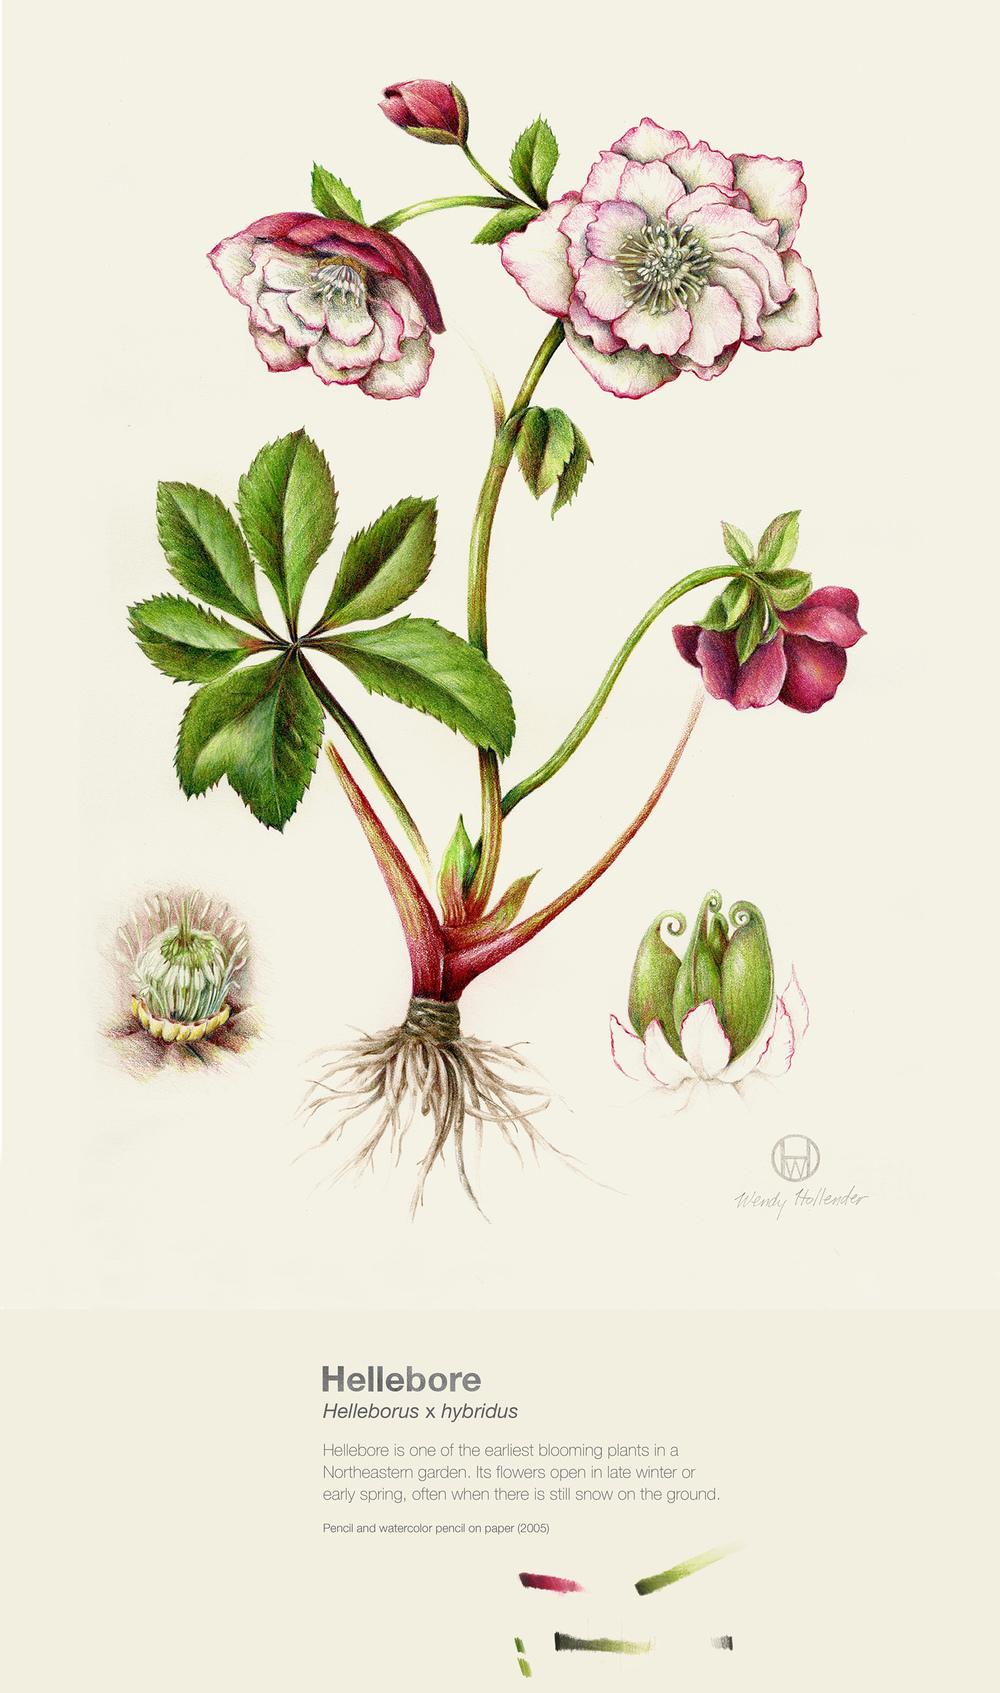 Hellebore - Helleborus x hybridus